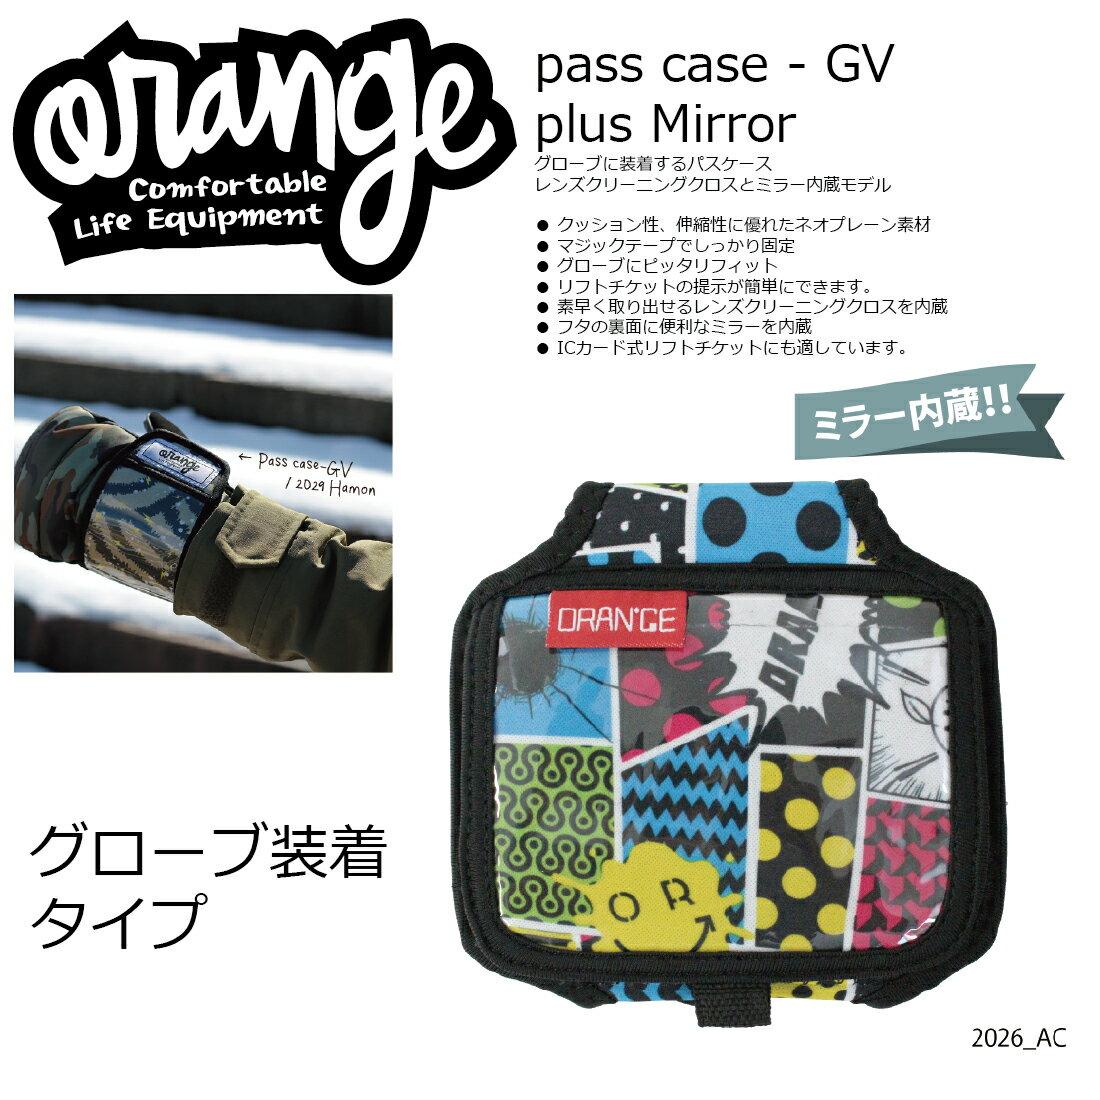 Oran'ge Pass-Case GV PLUS 2026 AC オレンジ パスケース ジーワイ プラス グローブ装着タイプ ヨコ 2017 2017-18